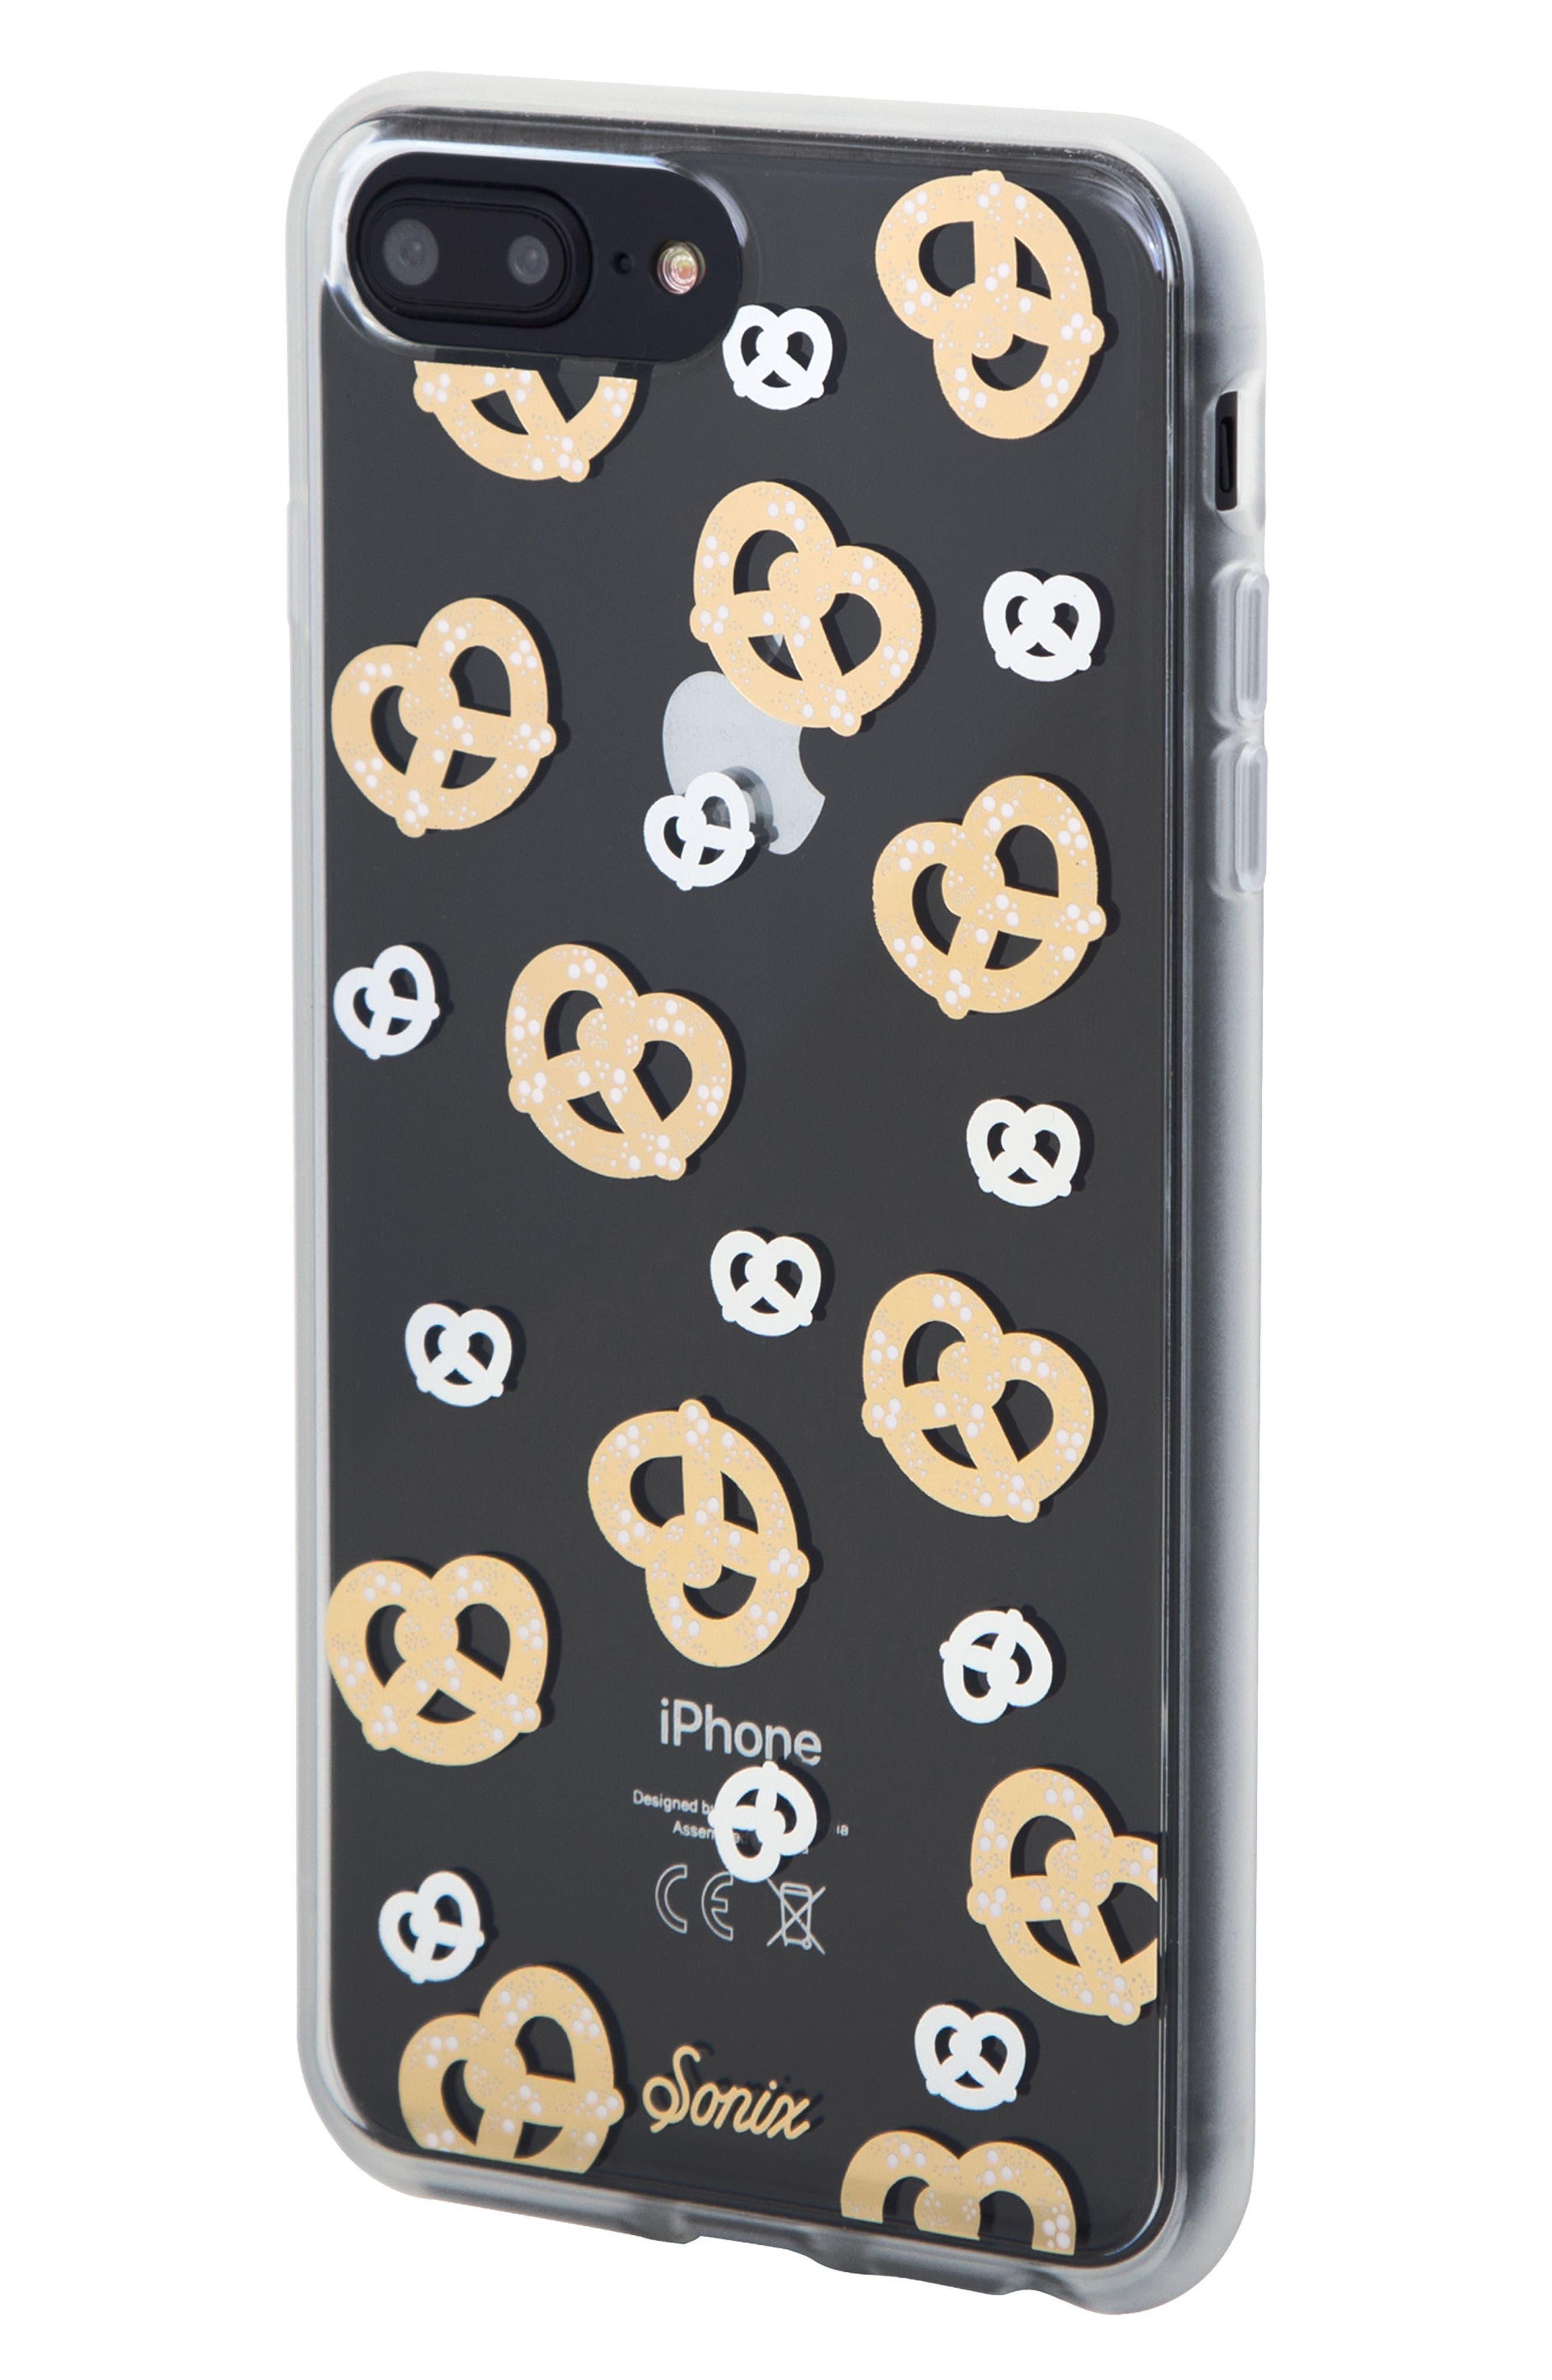 Pretzel iPhone 6/6s/7/8 & 6/6s/7/8 Plus Case,                             Alternate thumbnail 2, color,                             GOLD/ SILVER